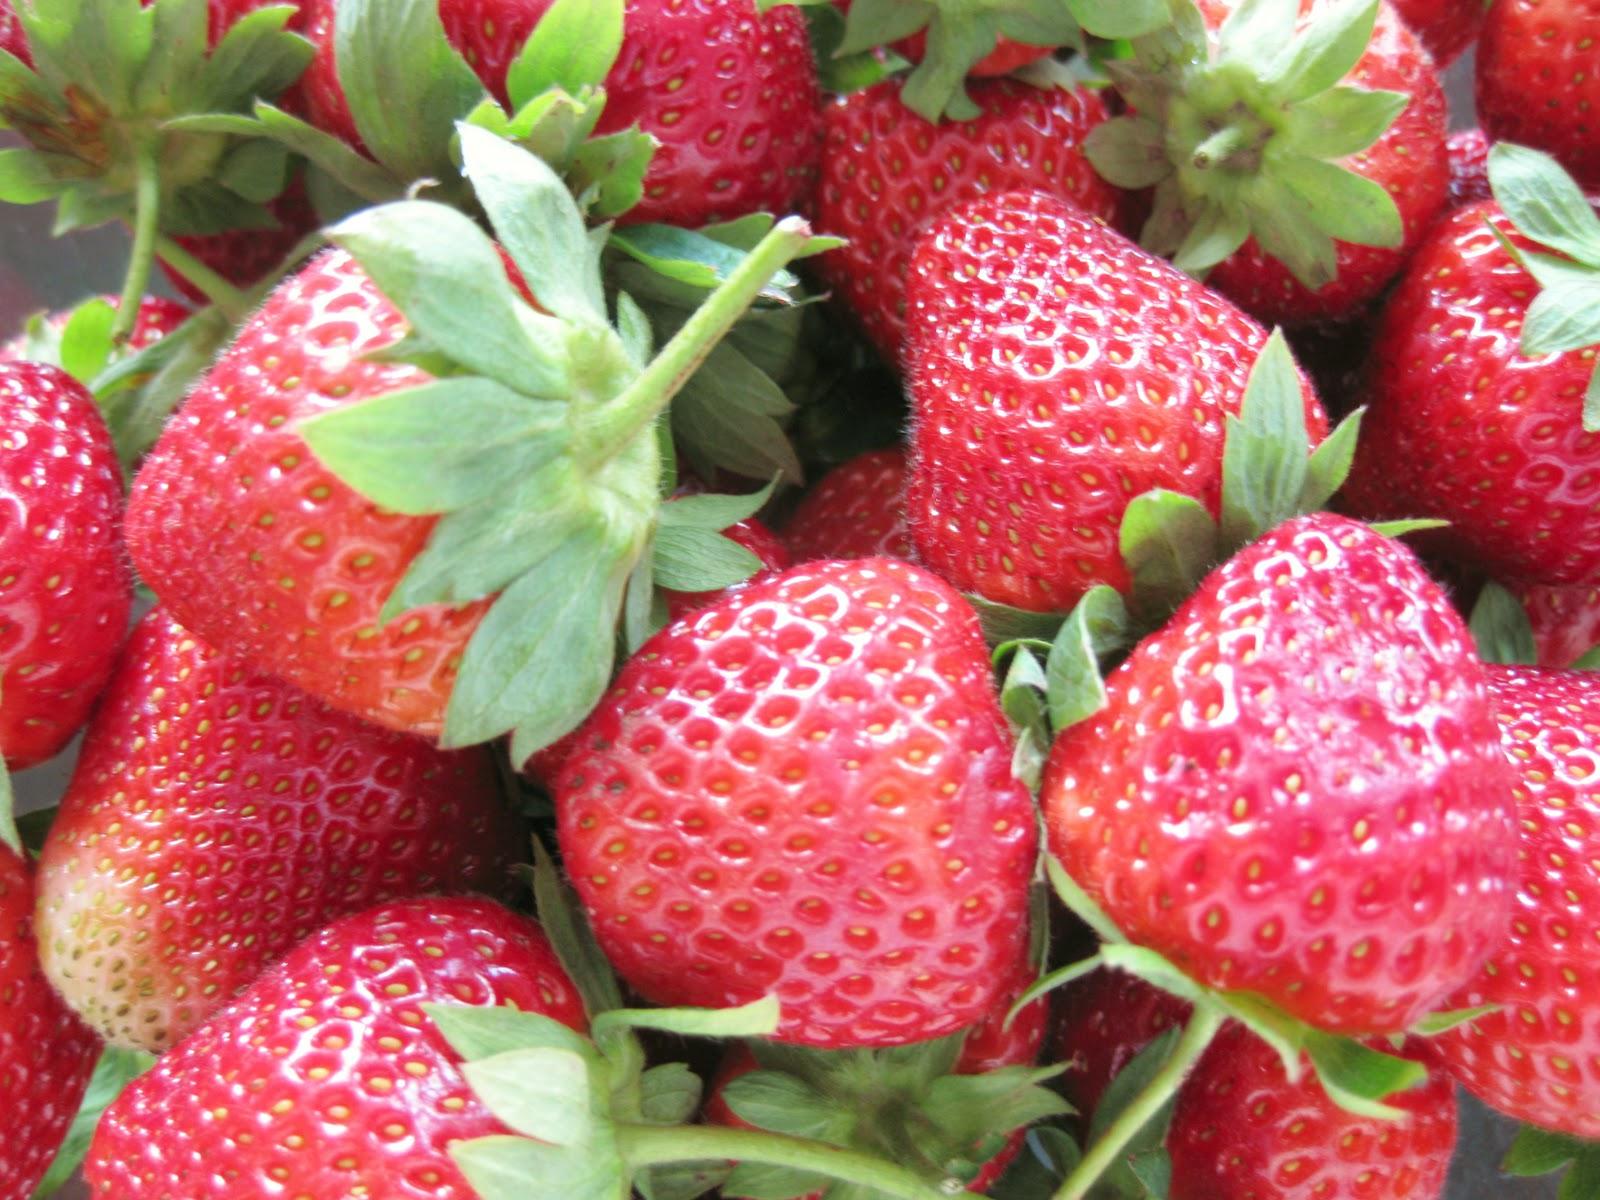 Perfect Christmas Gift – Homemade Strawberry Jam | Sweet Cherrie Pie